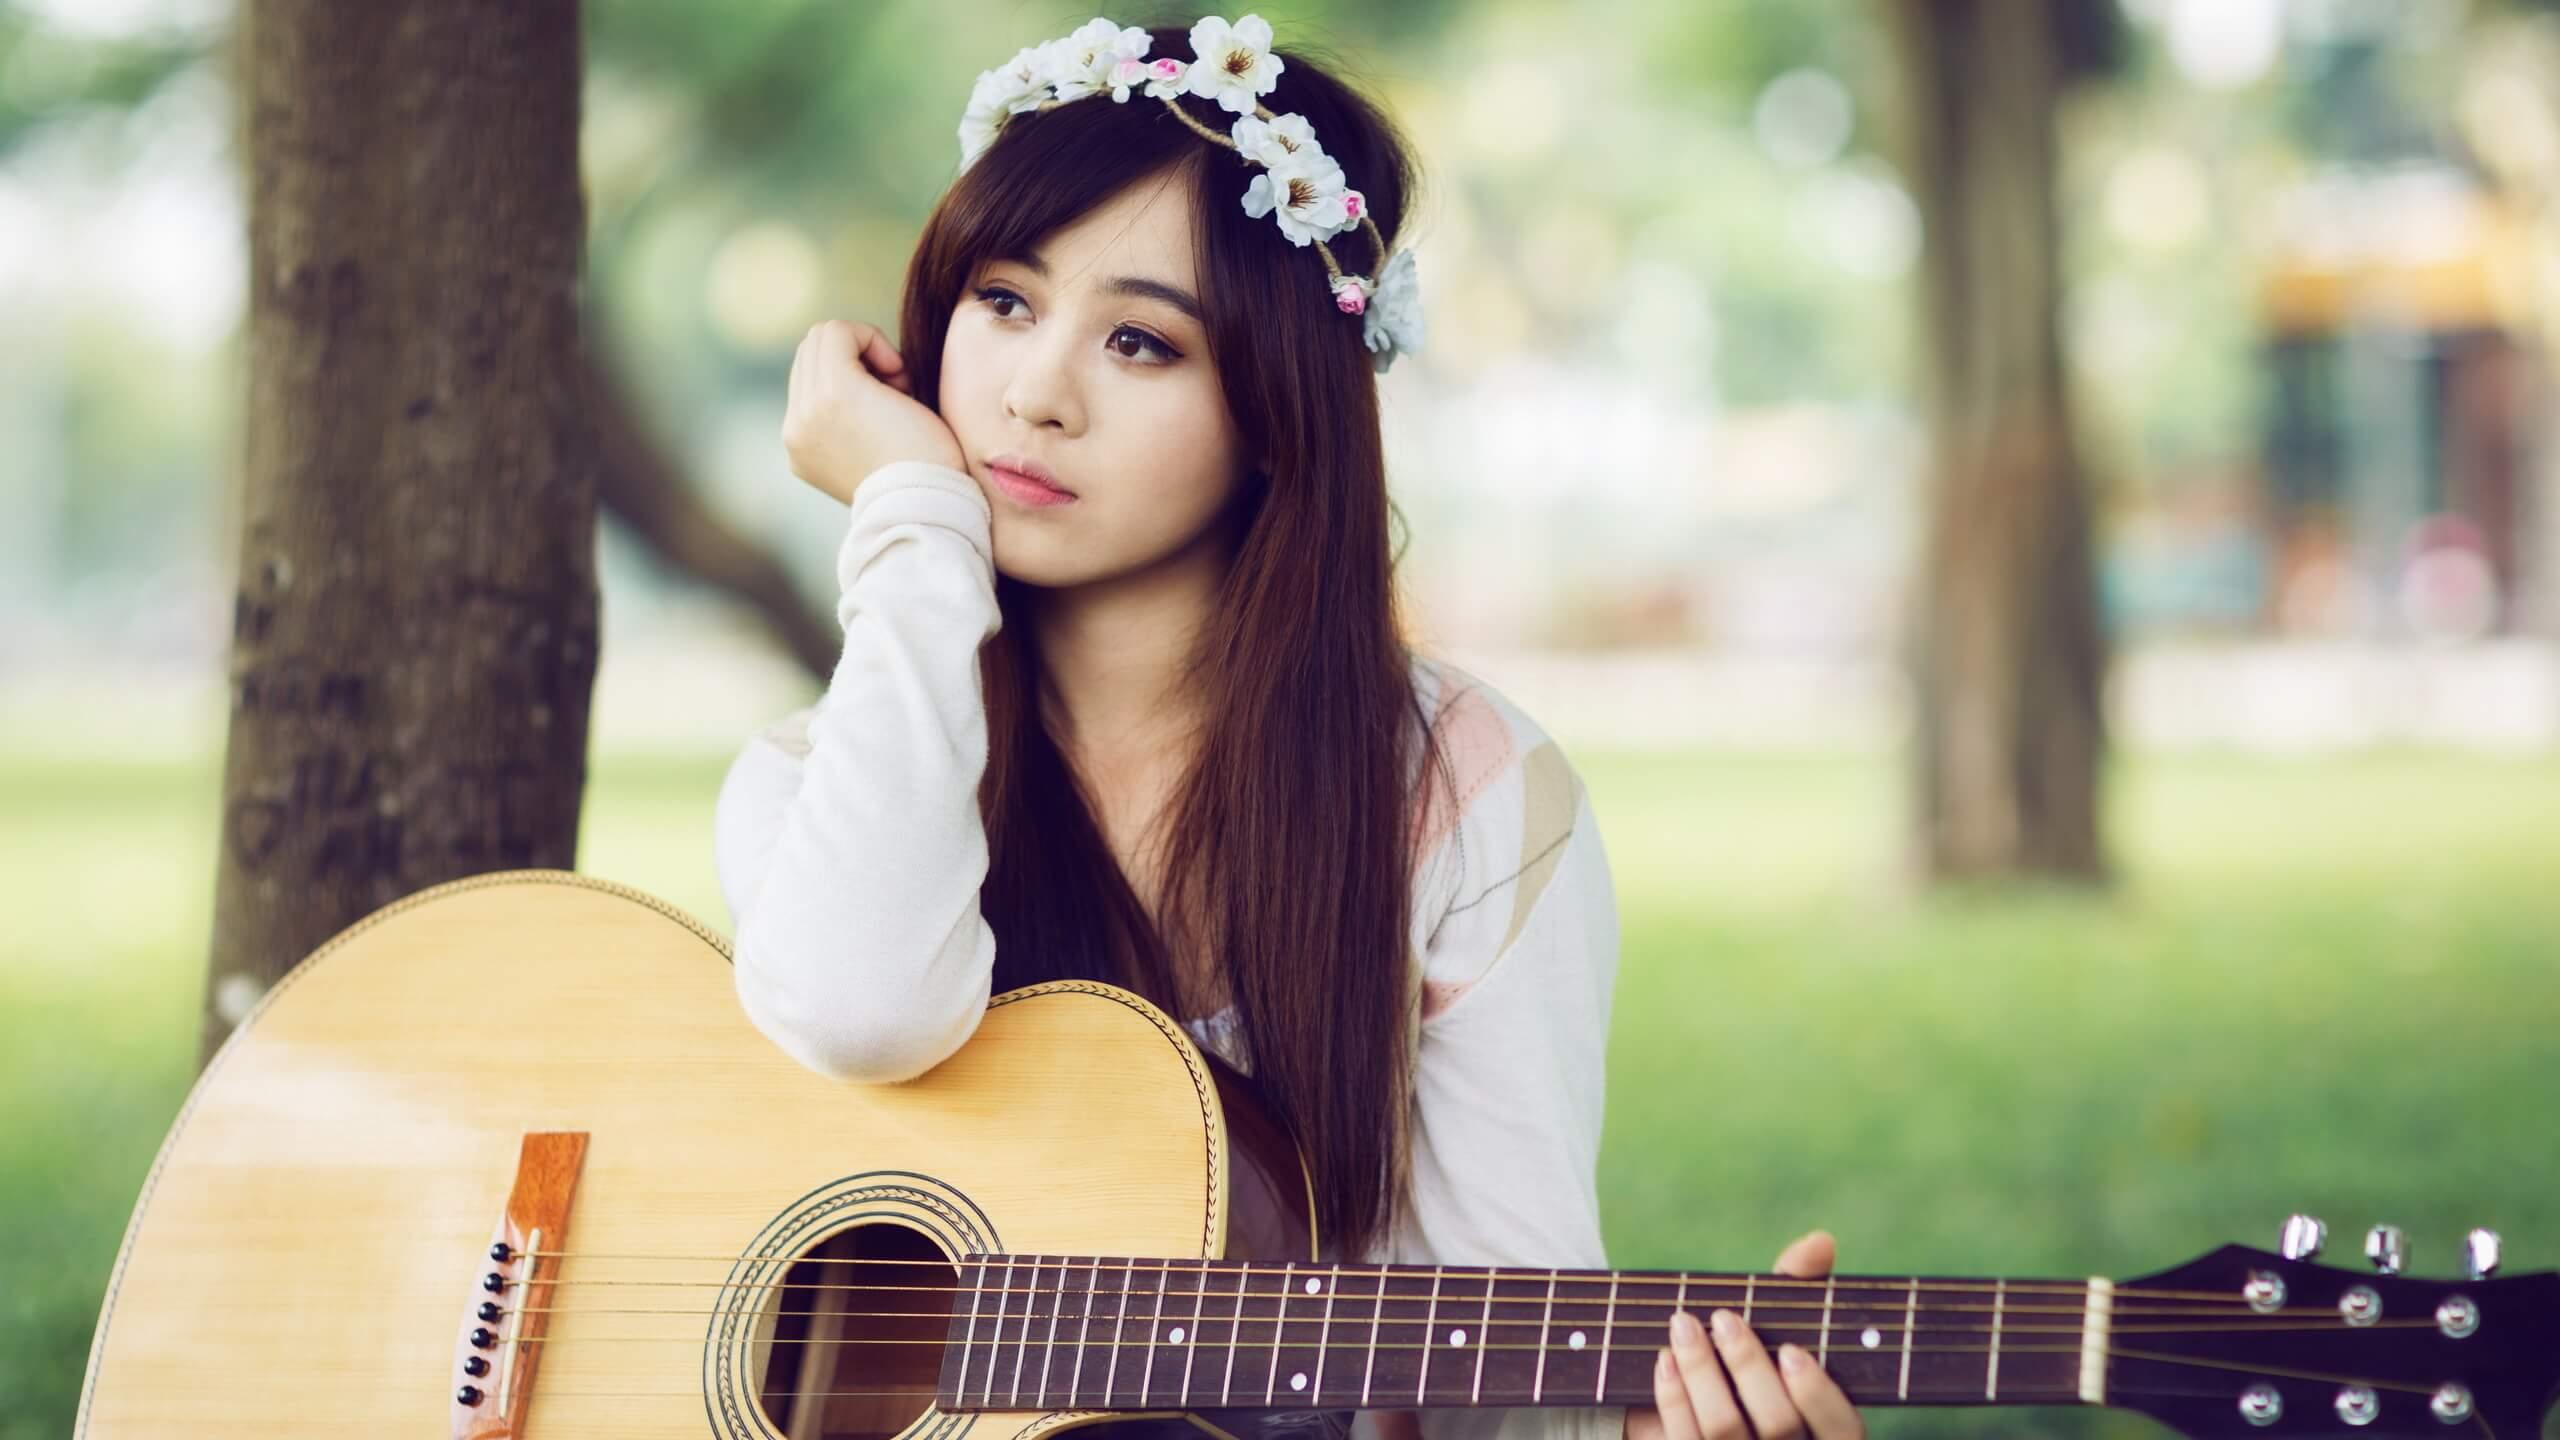 Прикольные картинки девушка и музыка, лучшие обои, фото (26 штук) 9